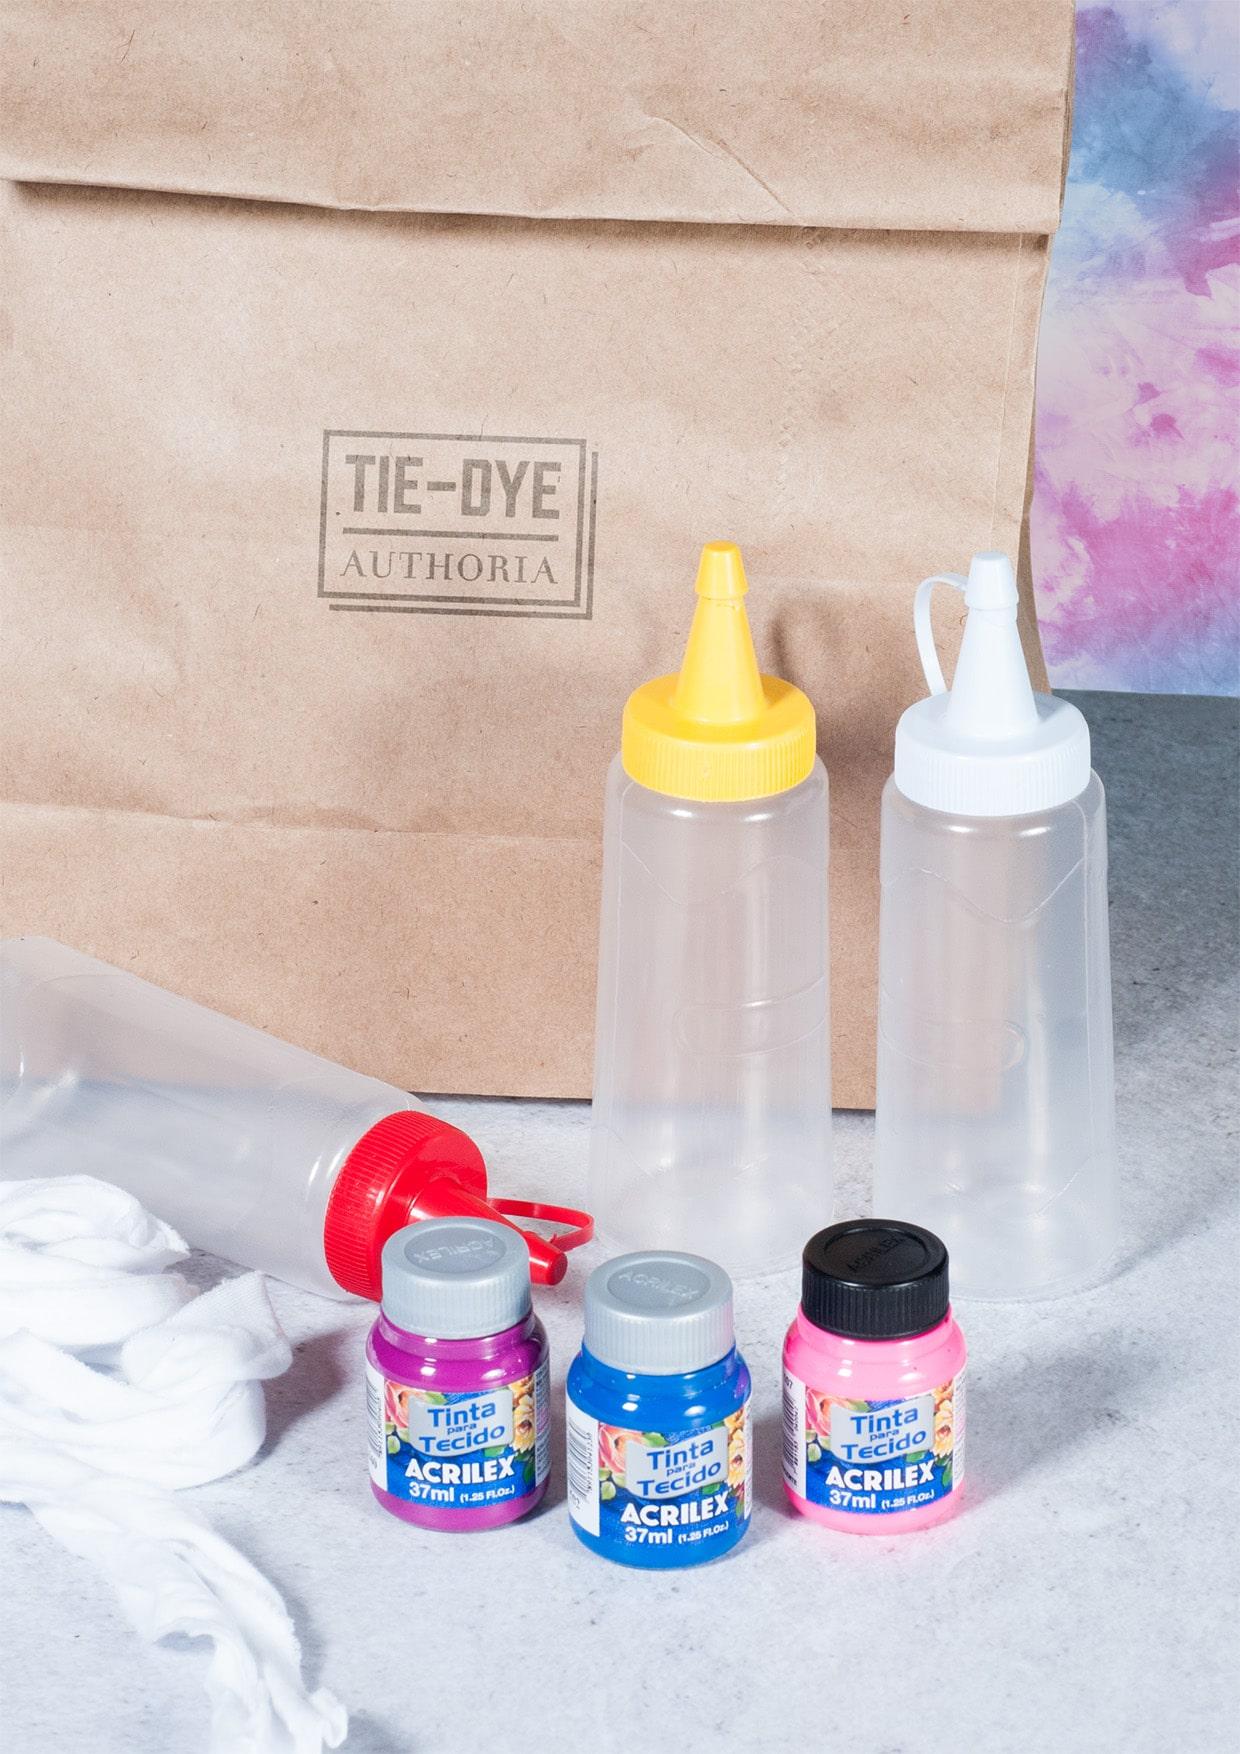 Kit Tingimento Tie Dye